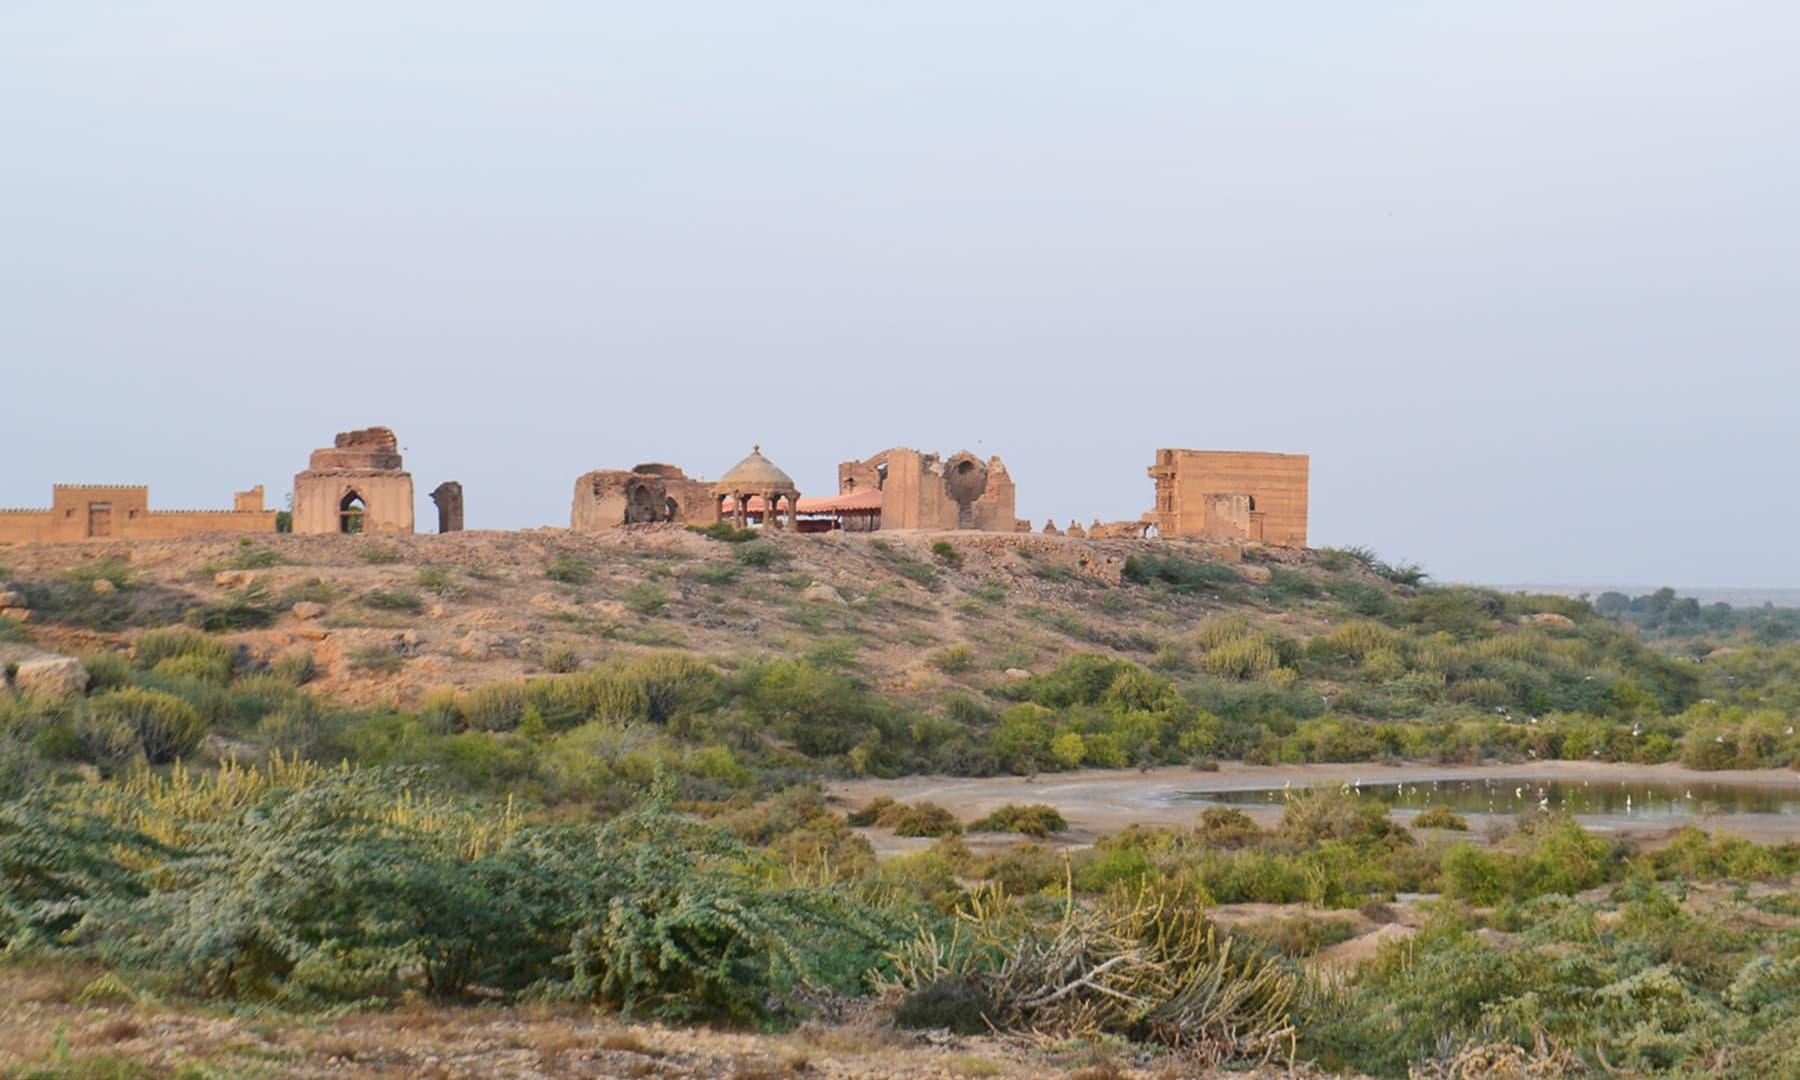 مَکلی کے آثار اور قدیم بہاؤ —تصویر ابوبکر شیخ